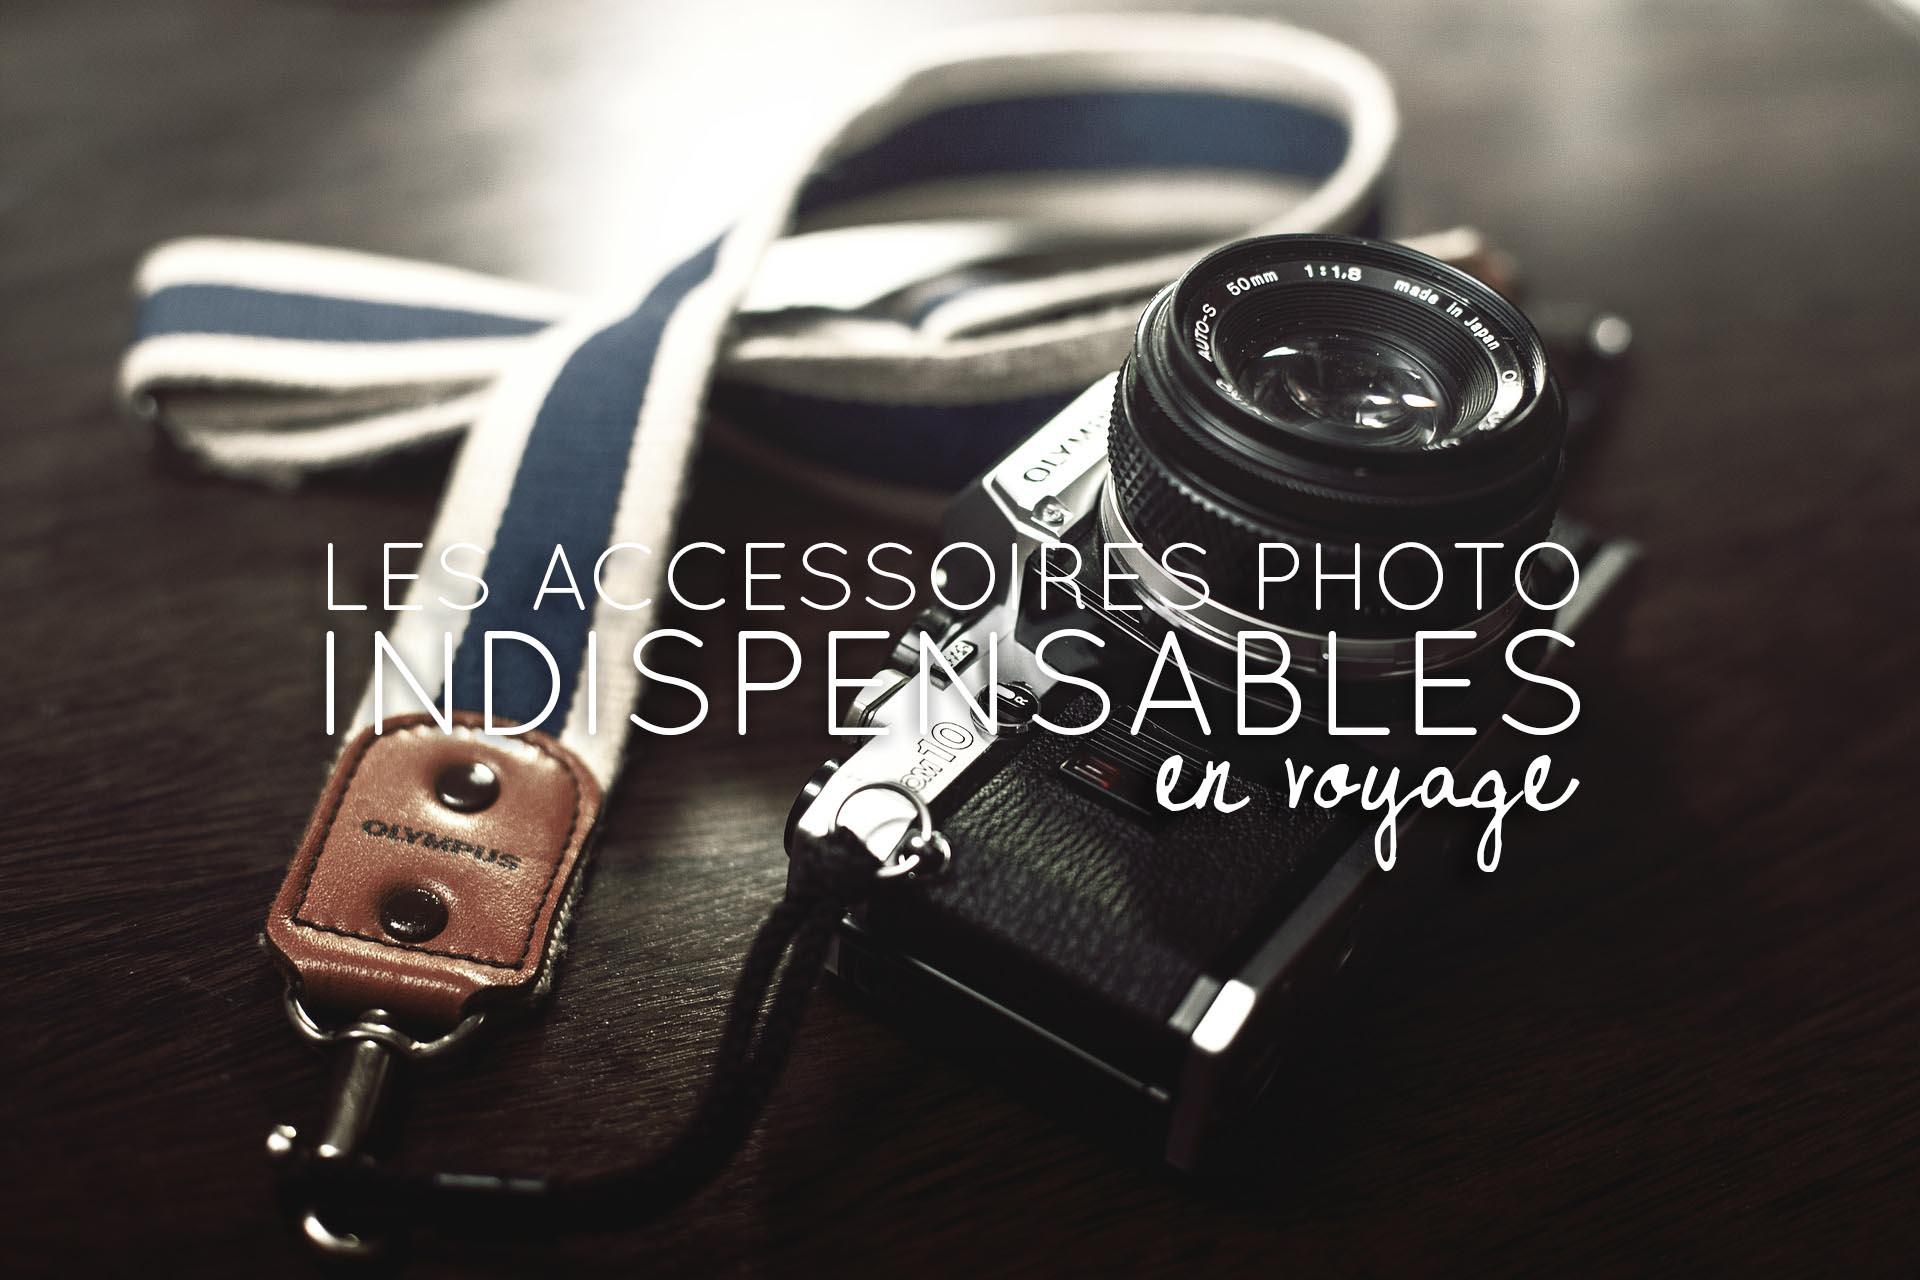 accessoires photo indispensables en voyage